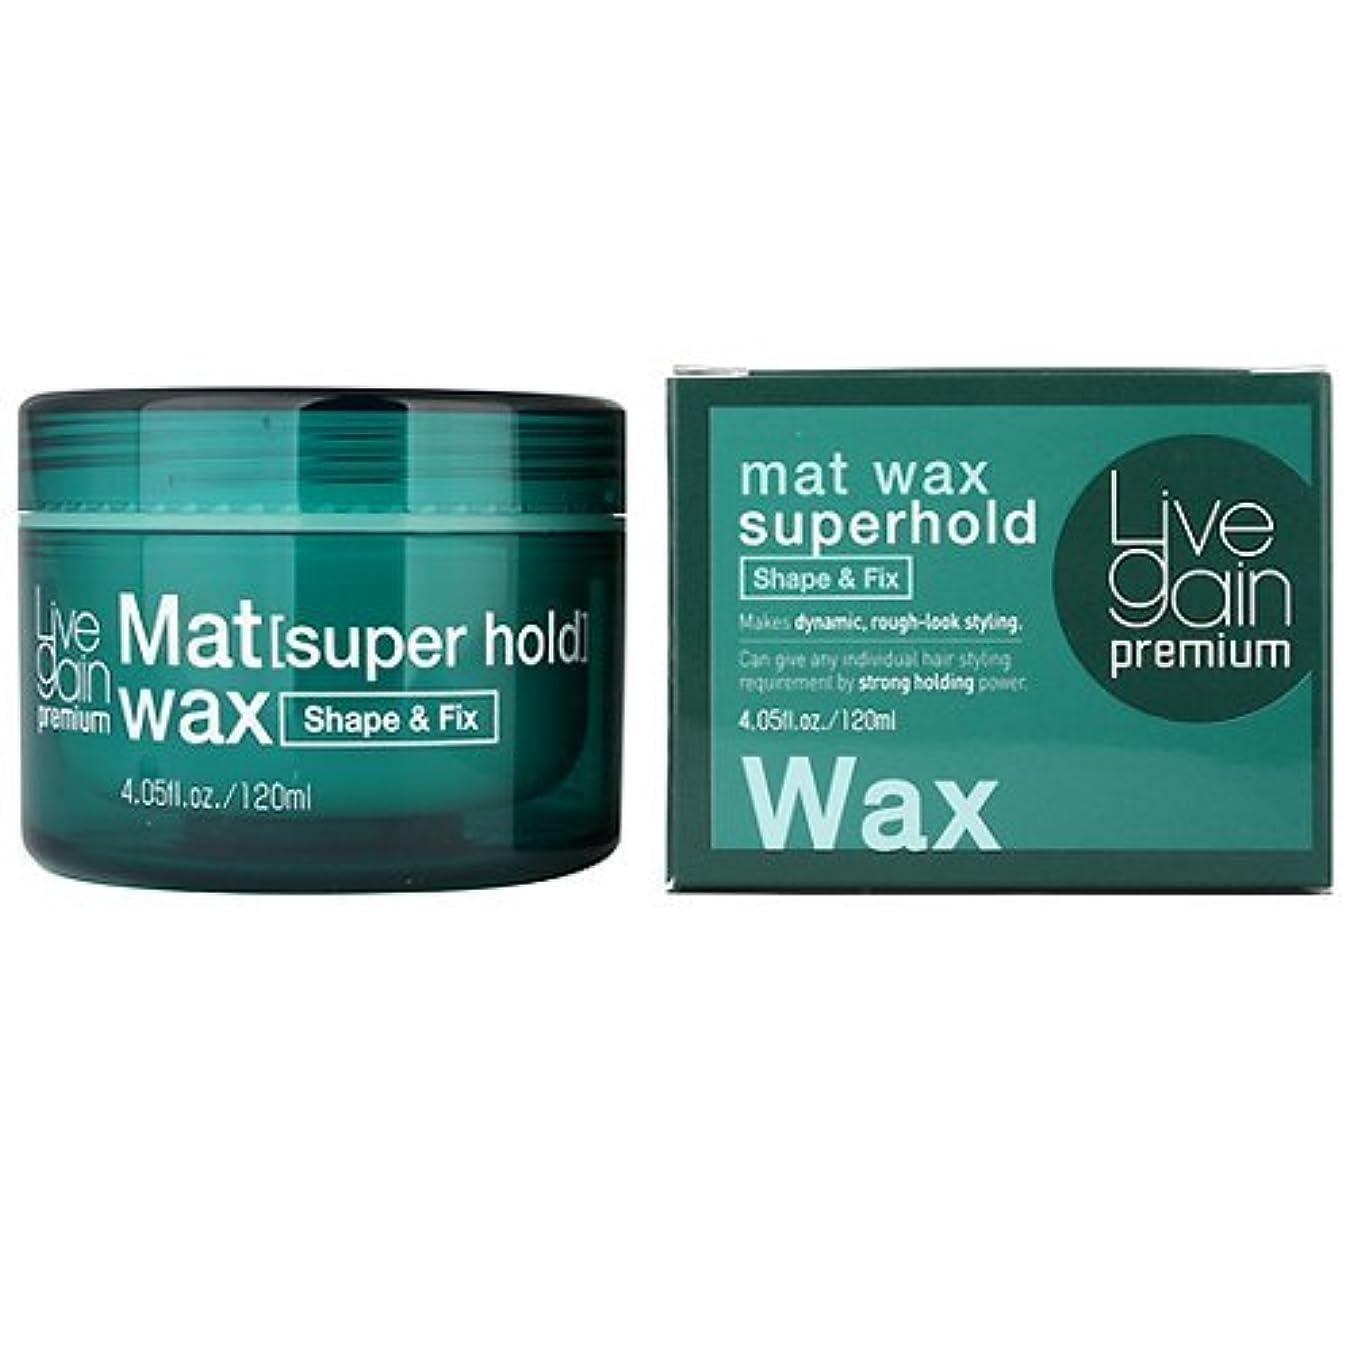 カーテンひまわりナサニエル区Livegain プレミアム マット ワックス スーパーホールド 120ml マット ヘア ワックス ストロング ホールド (Premium Mat Wax Superhold 120ml Matte Hair wax...